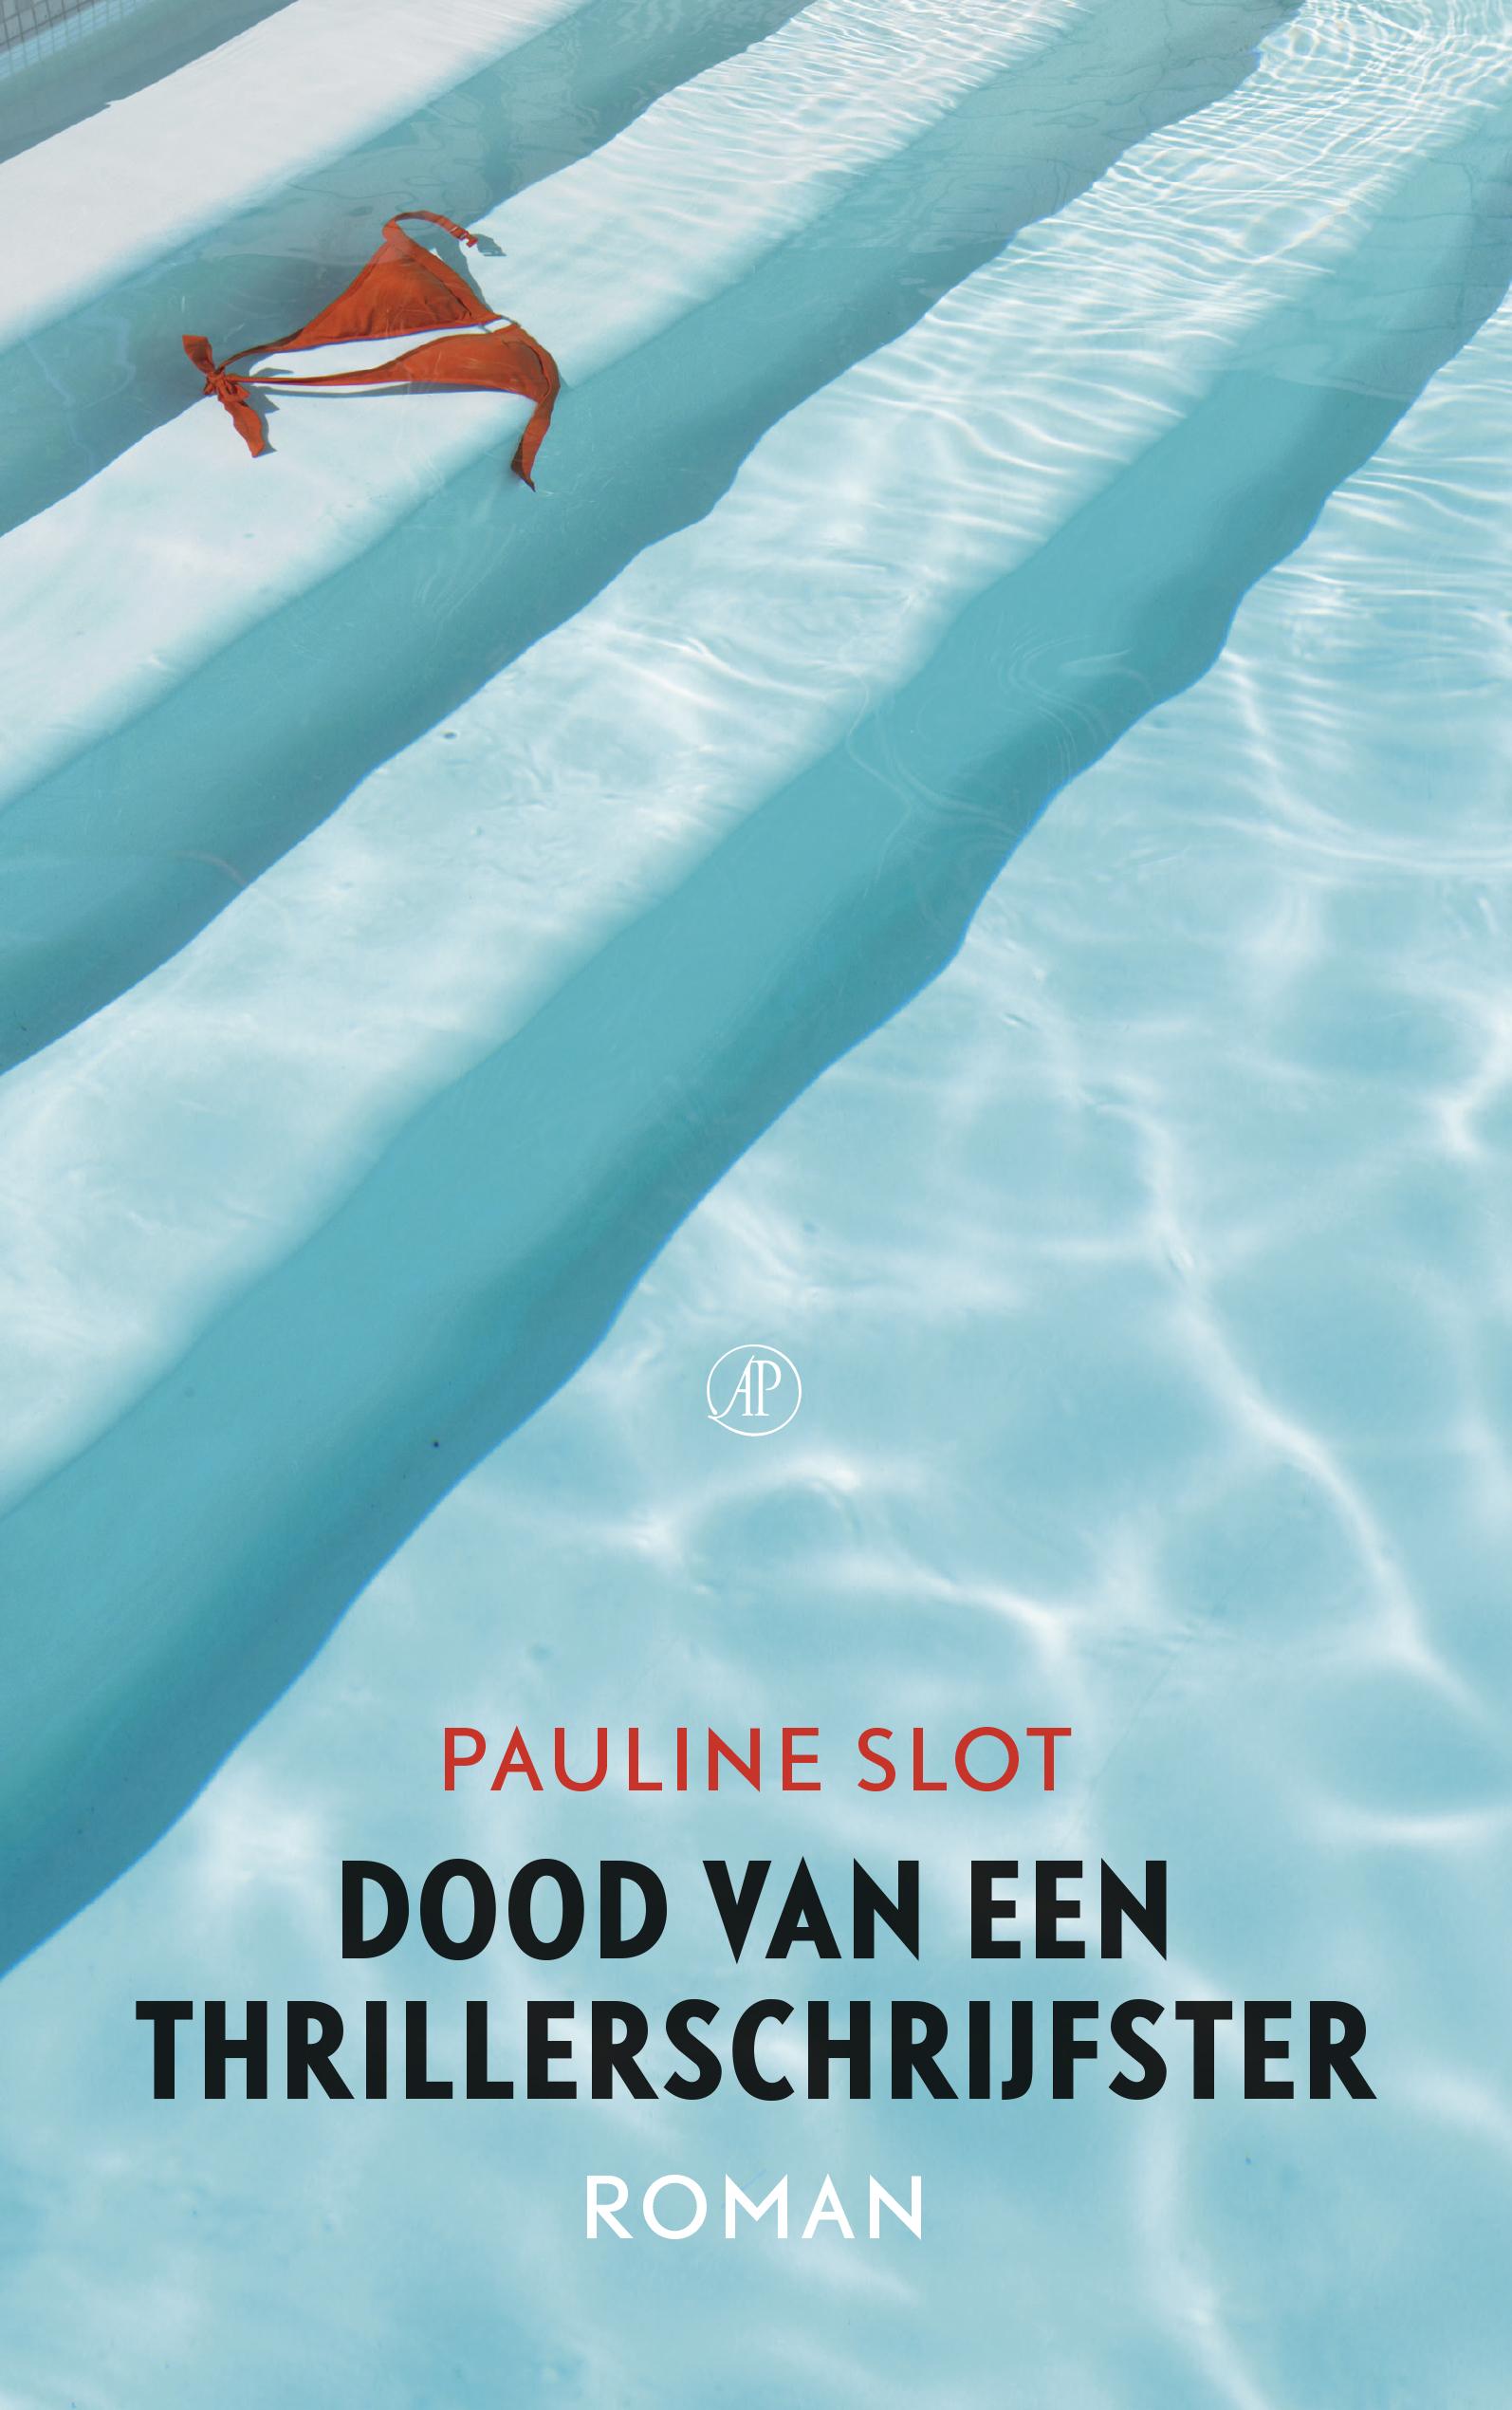 Dood van een thrillerschrijfster – Pauline Slot